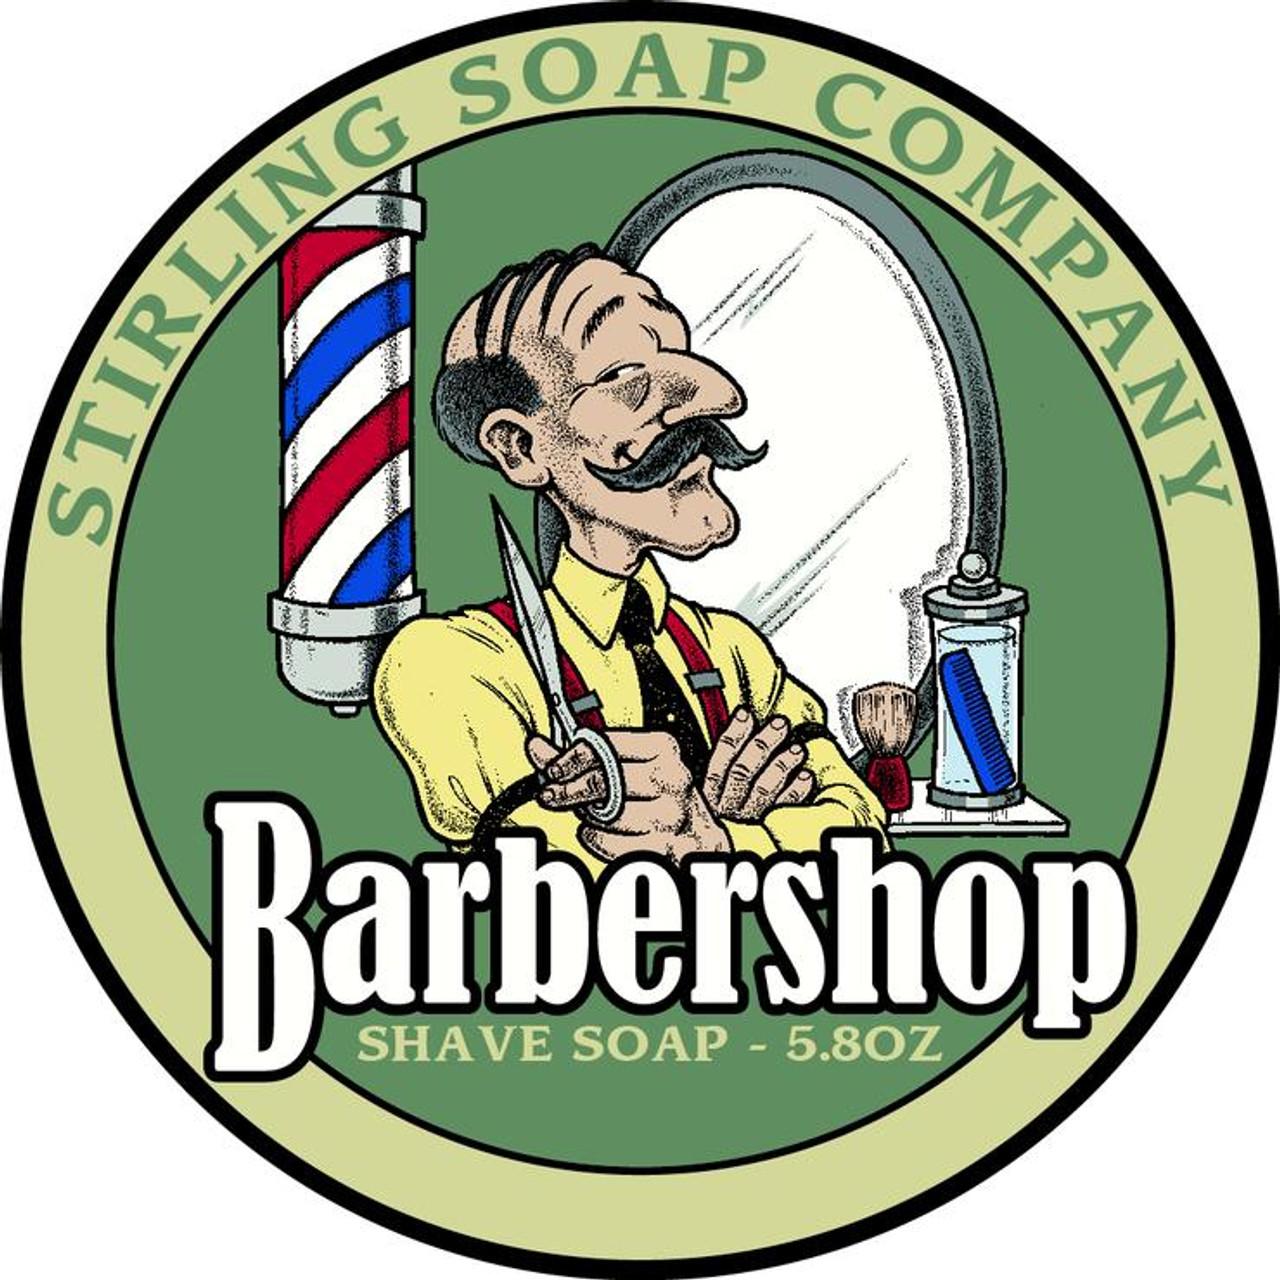 Stirling Barbershop Shave Soap 5.8oz